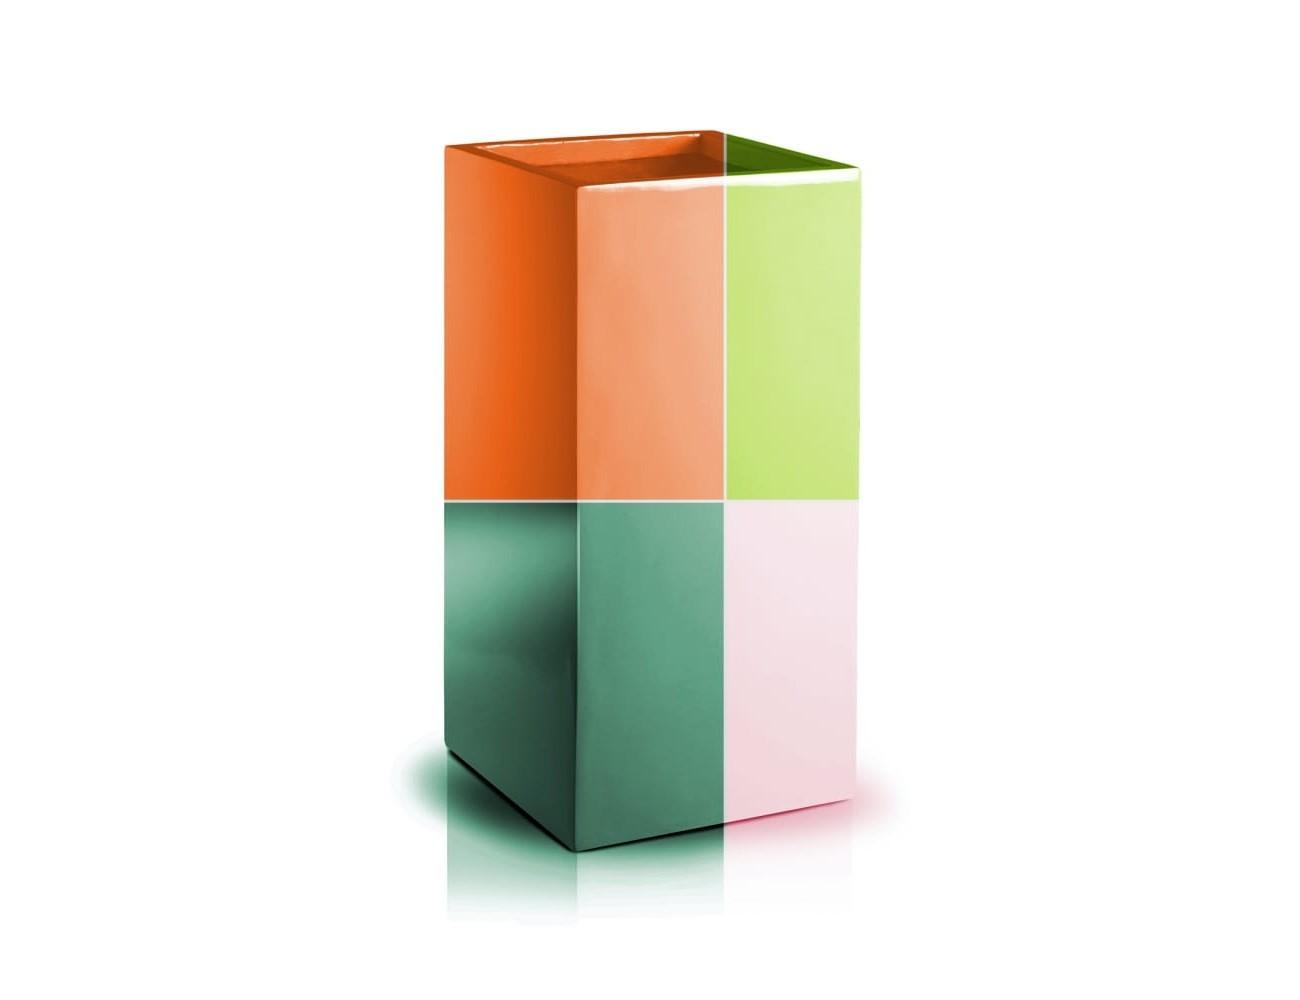 Donica Fiberglass 80x40 cm kolor na zamówienie